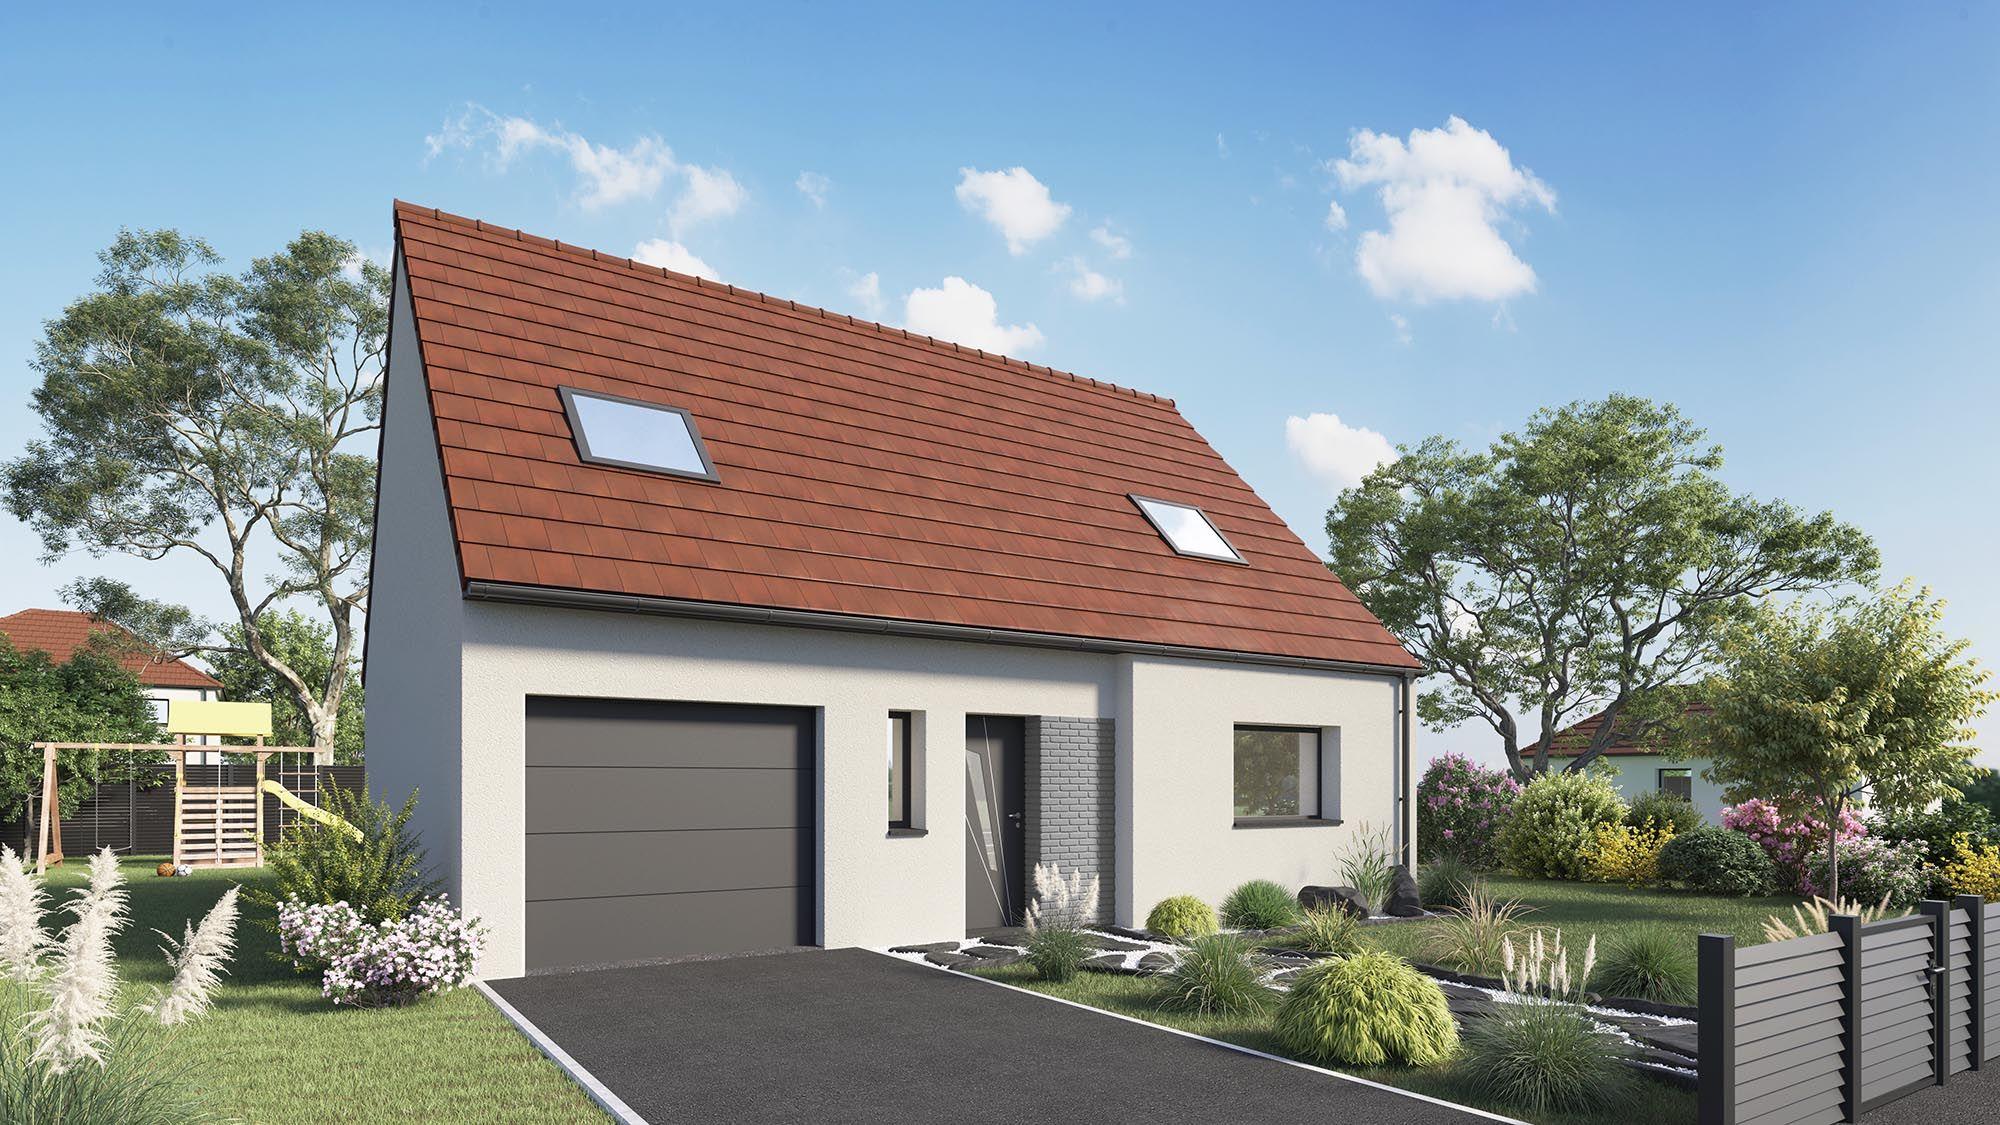 Votre maison + terrain à Saint-Martin-du-Vivier  - 76160